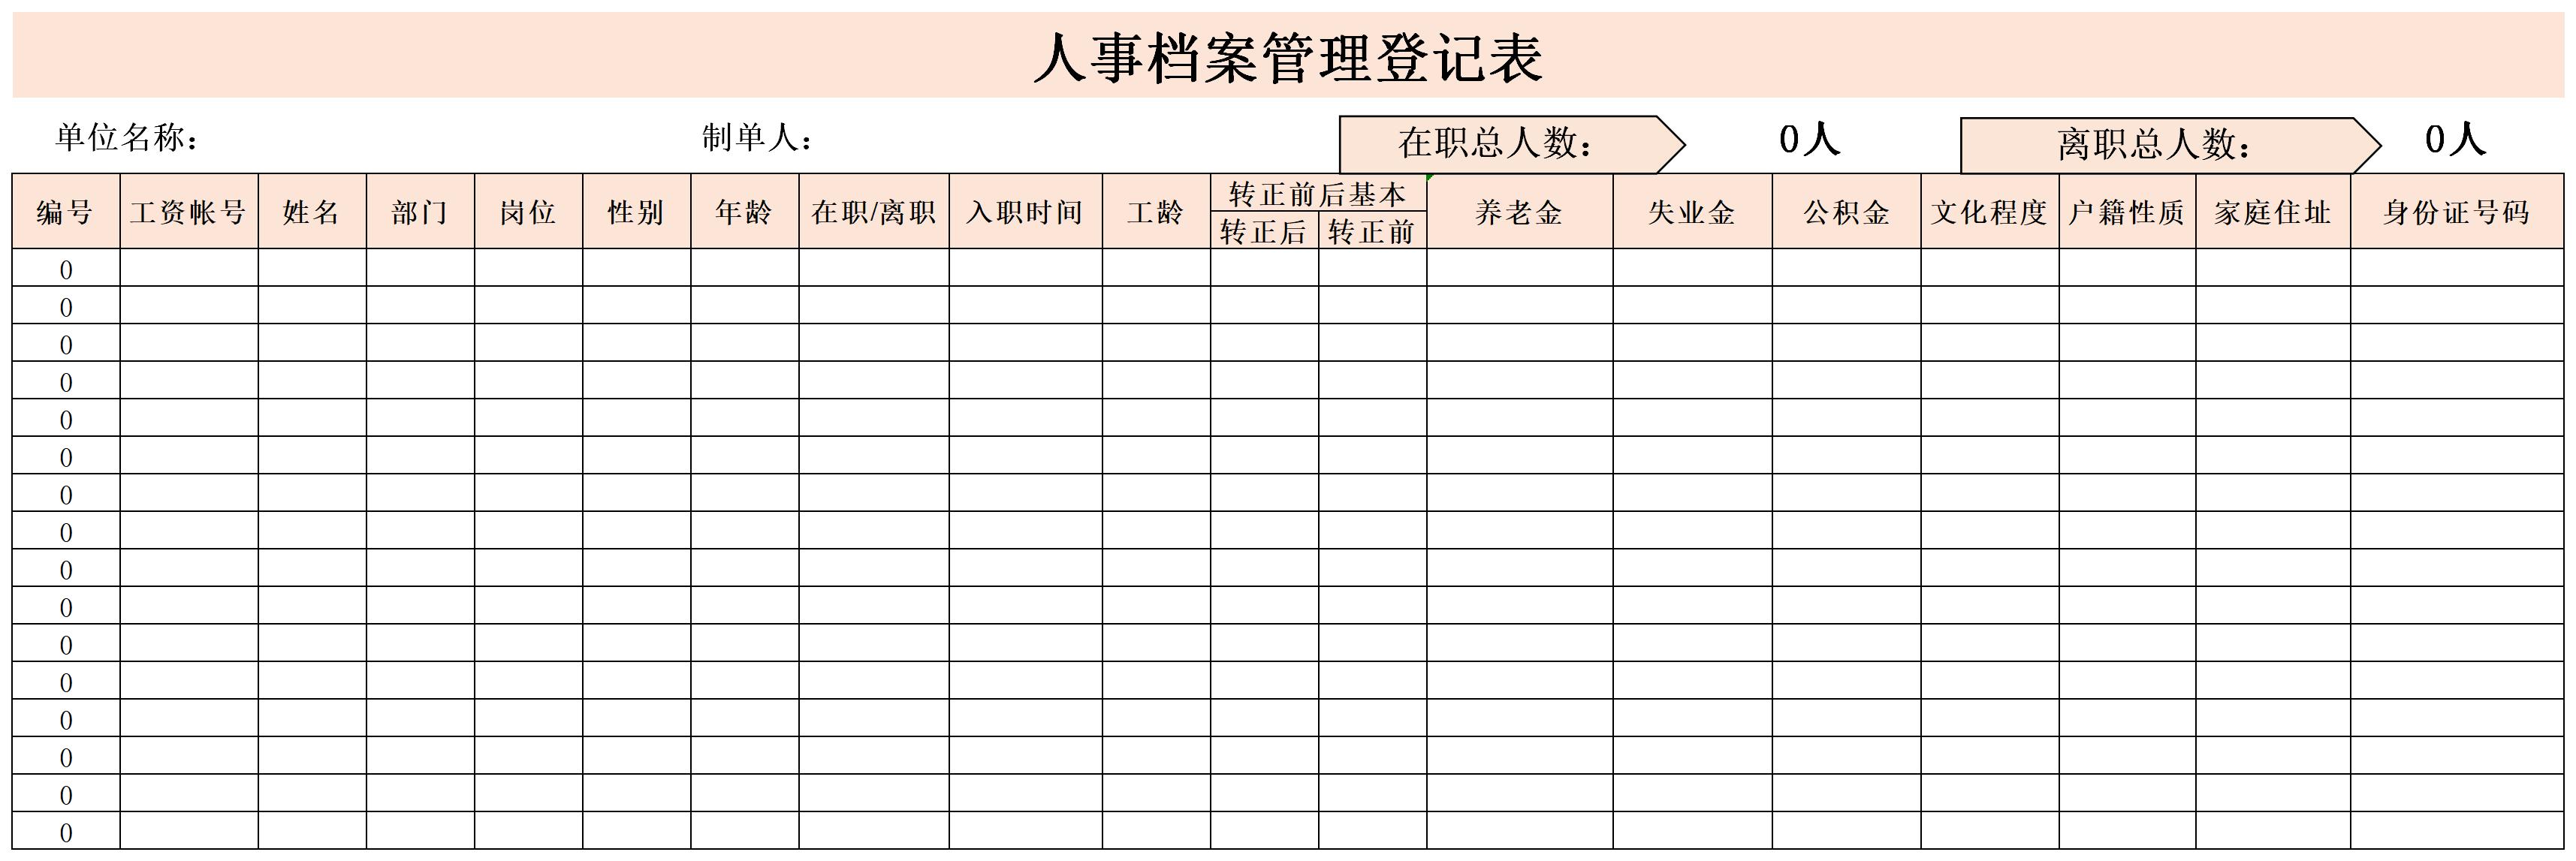 人事档案管理登记表截图